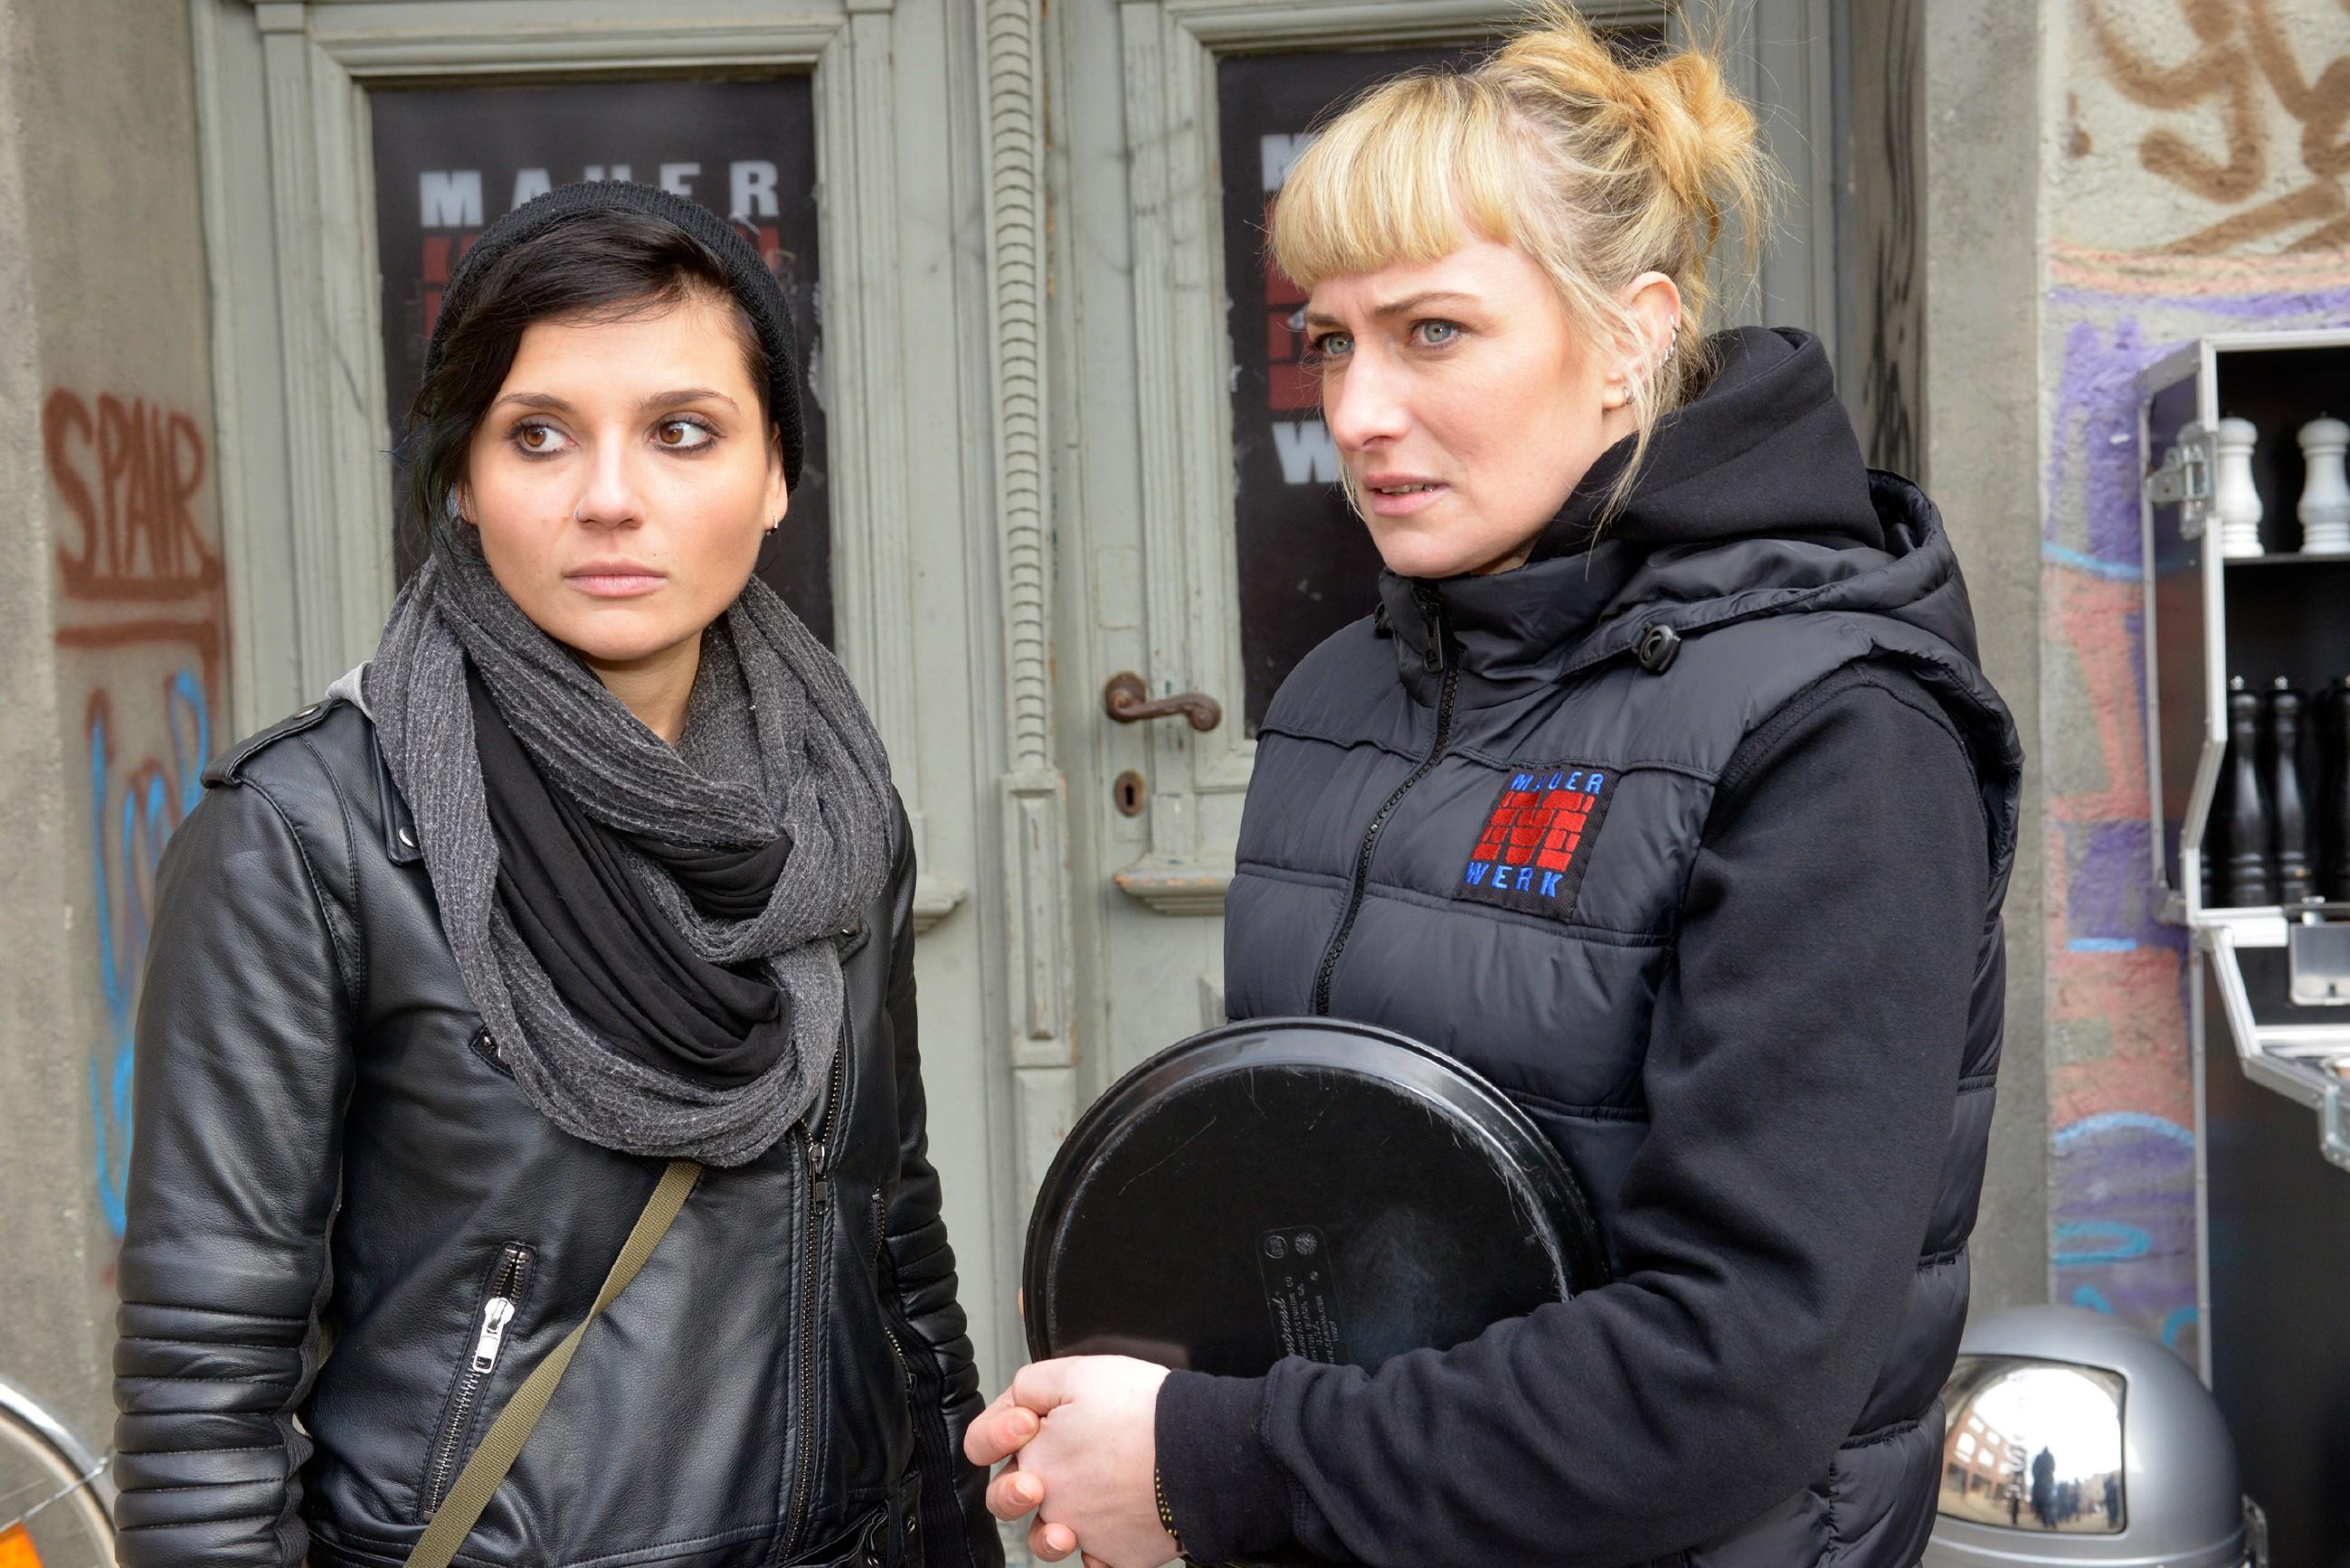 Anni (Linda Marlen Runge, l.) und Maren (Eva Mona Rodekirchen) erkennen alarmiert, welche Gefahr von David ausgeht. (Quelle: RTL / Rolf Baumgartner)